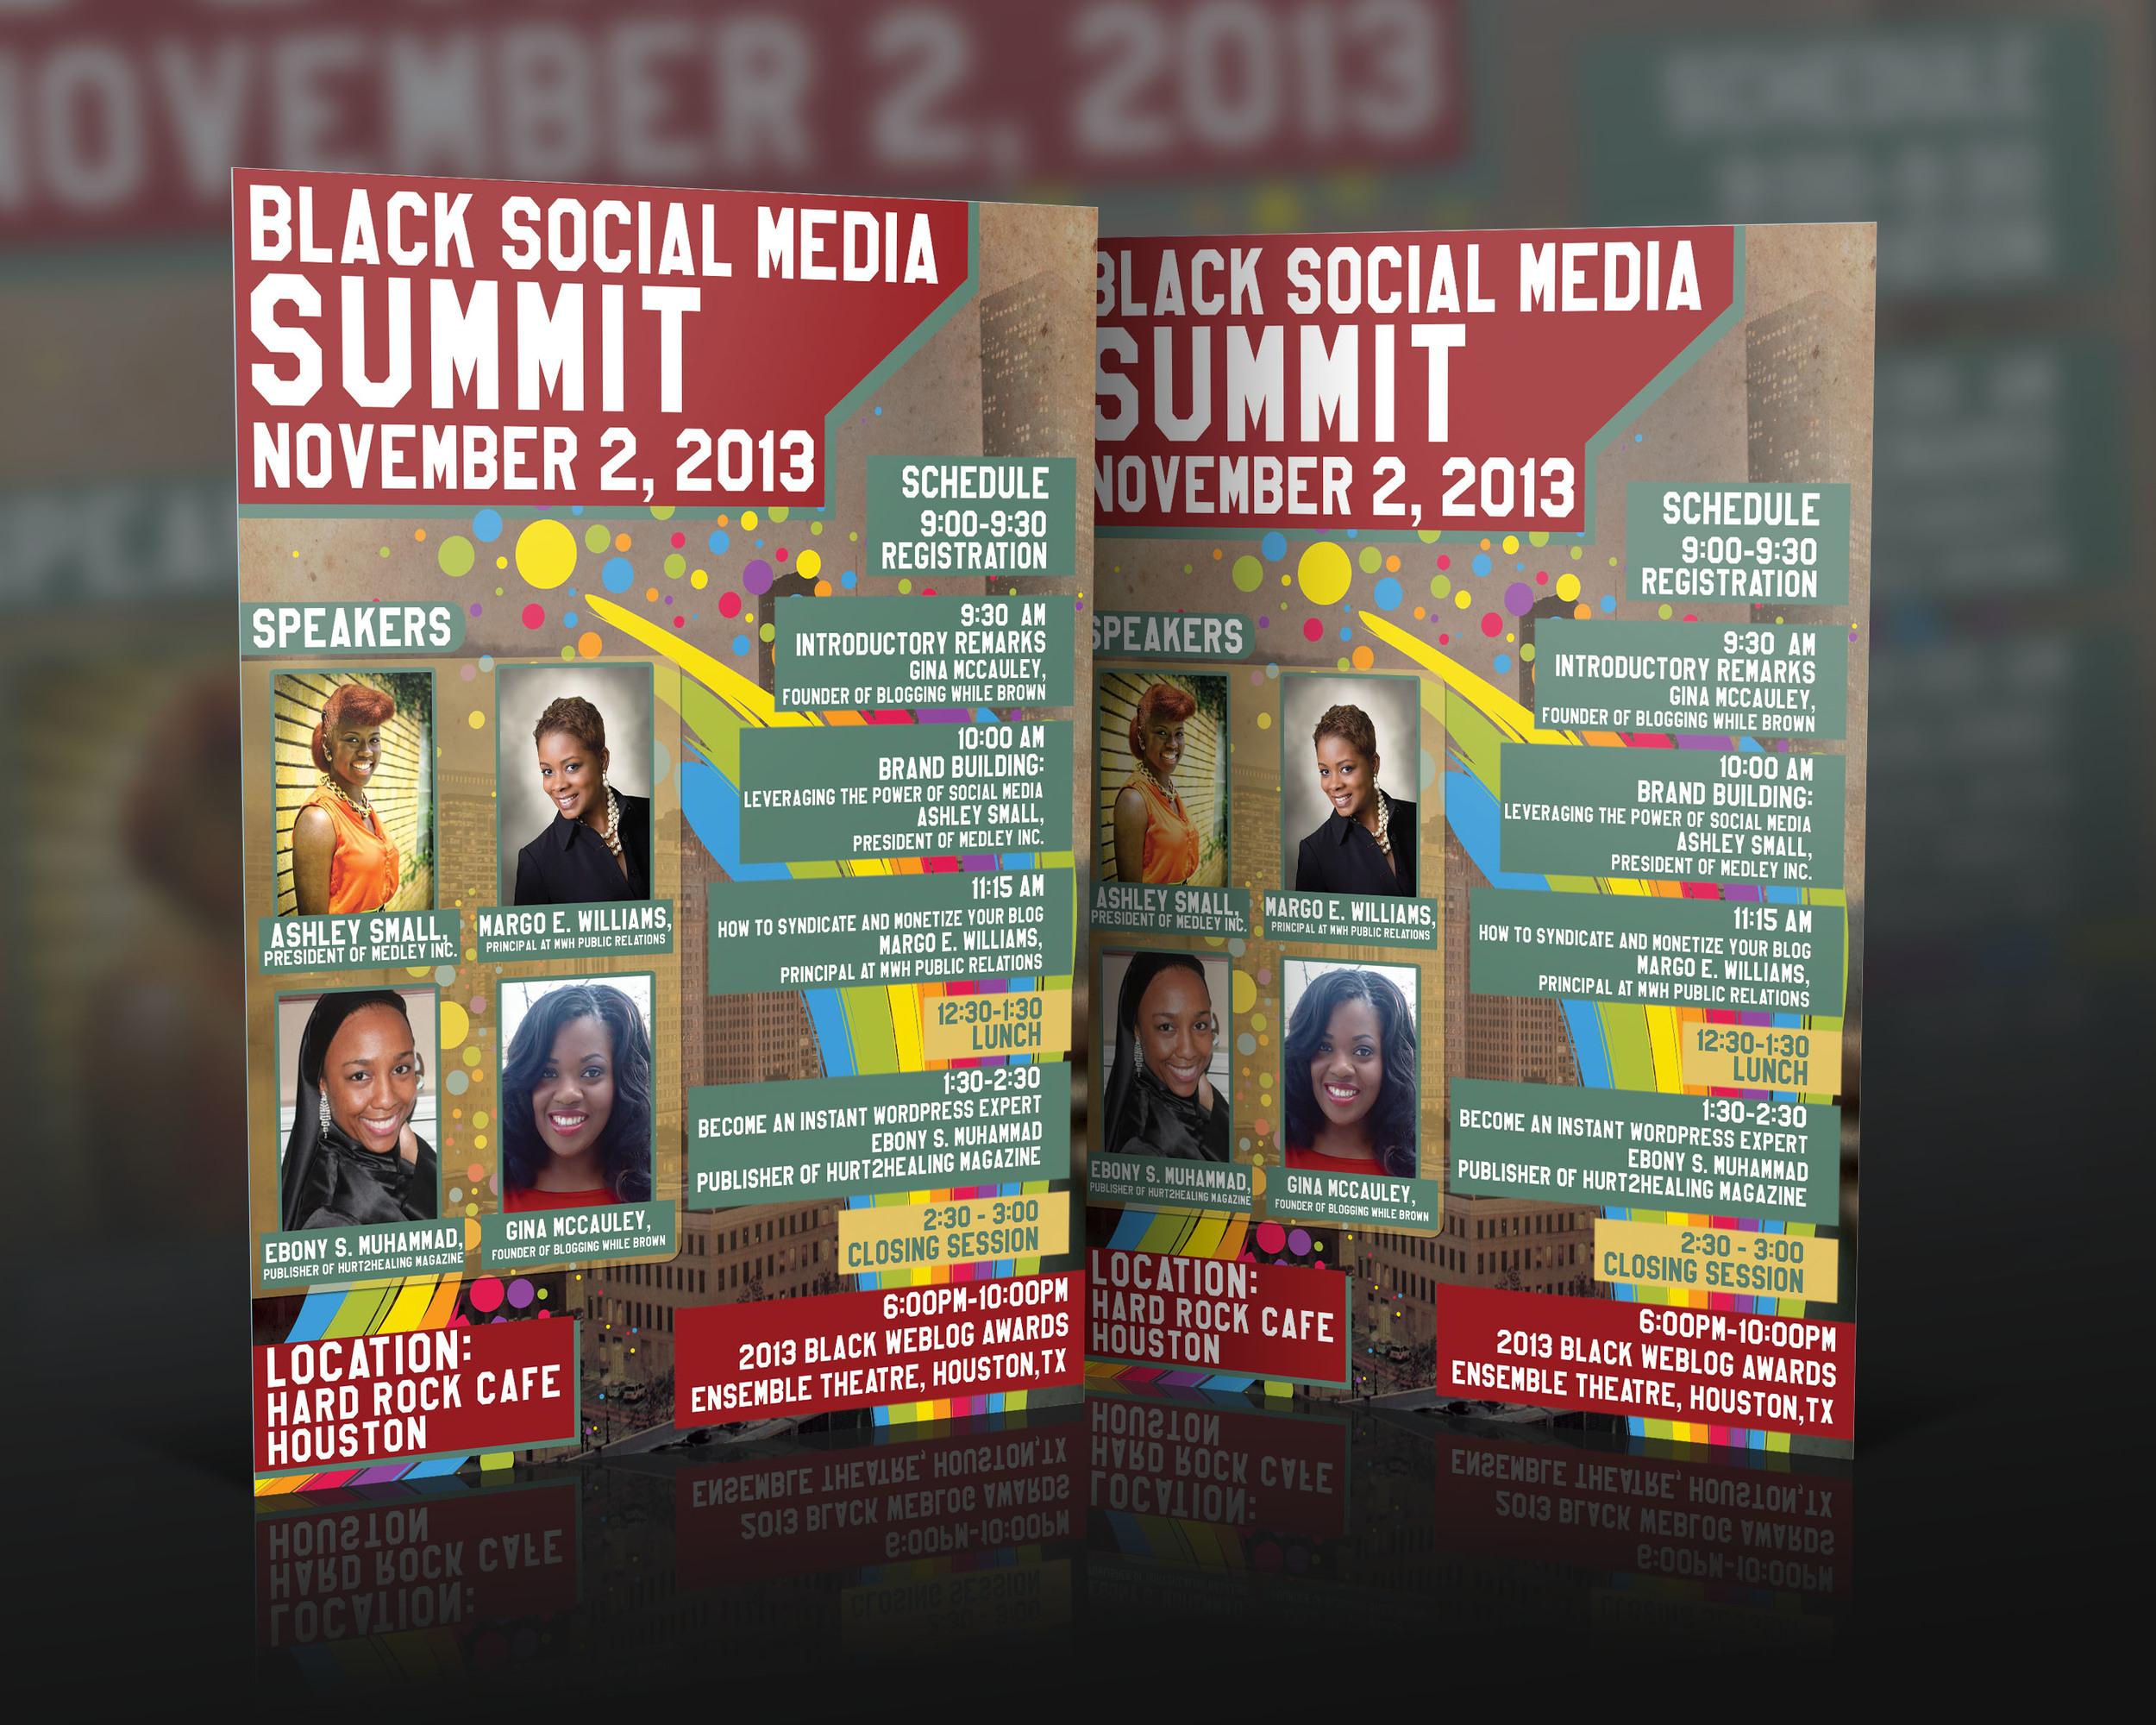 2013 Black Social Media Summit: Fall Edition